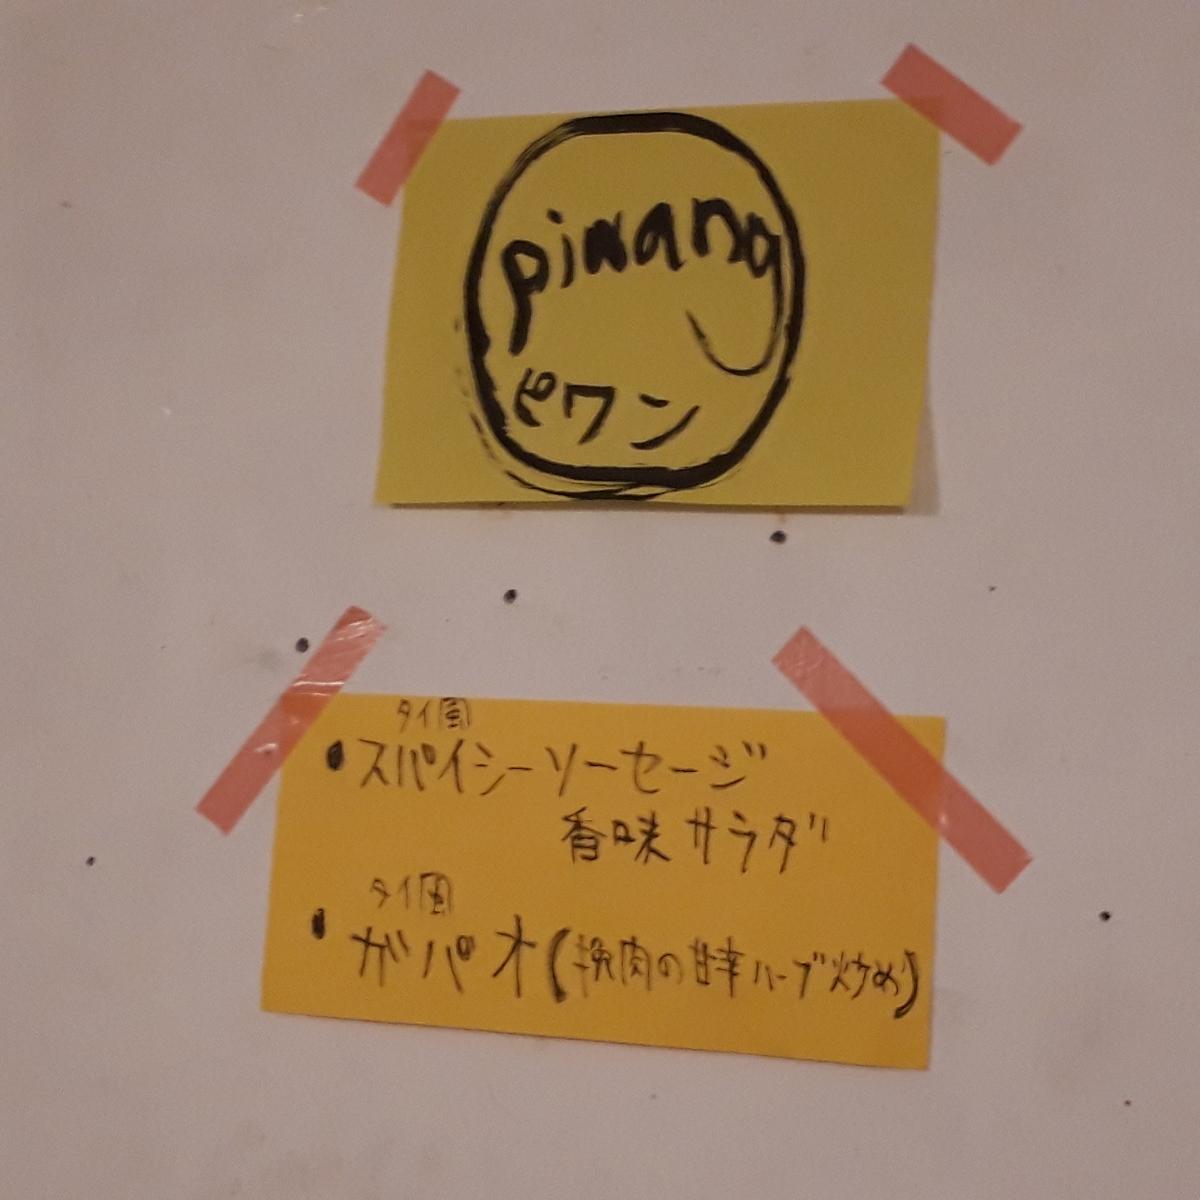 カレー事情聴取スパイス定食&バルVol.6 2019年7月21日 piwang メニュー